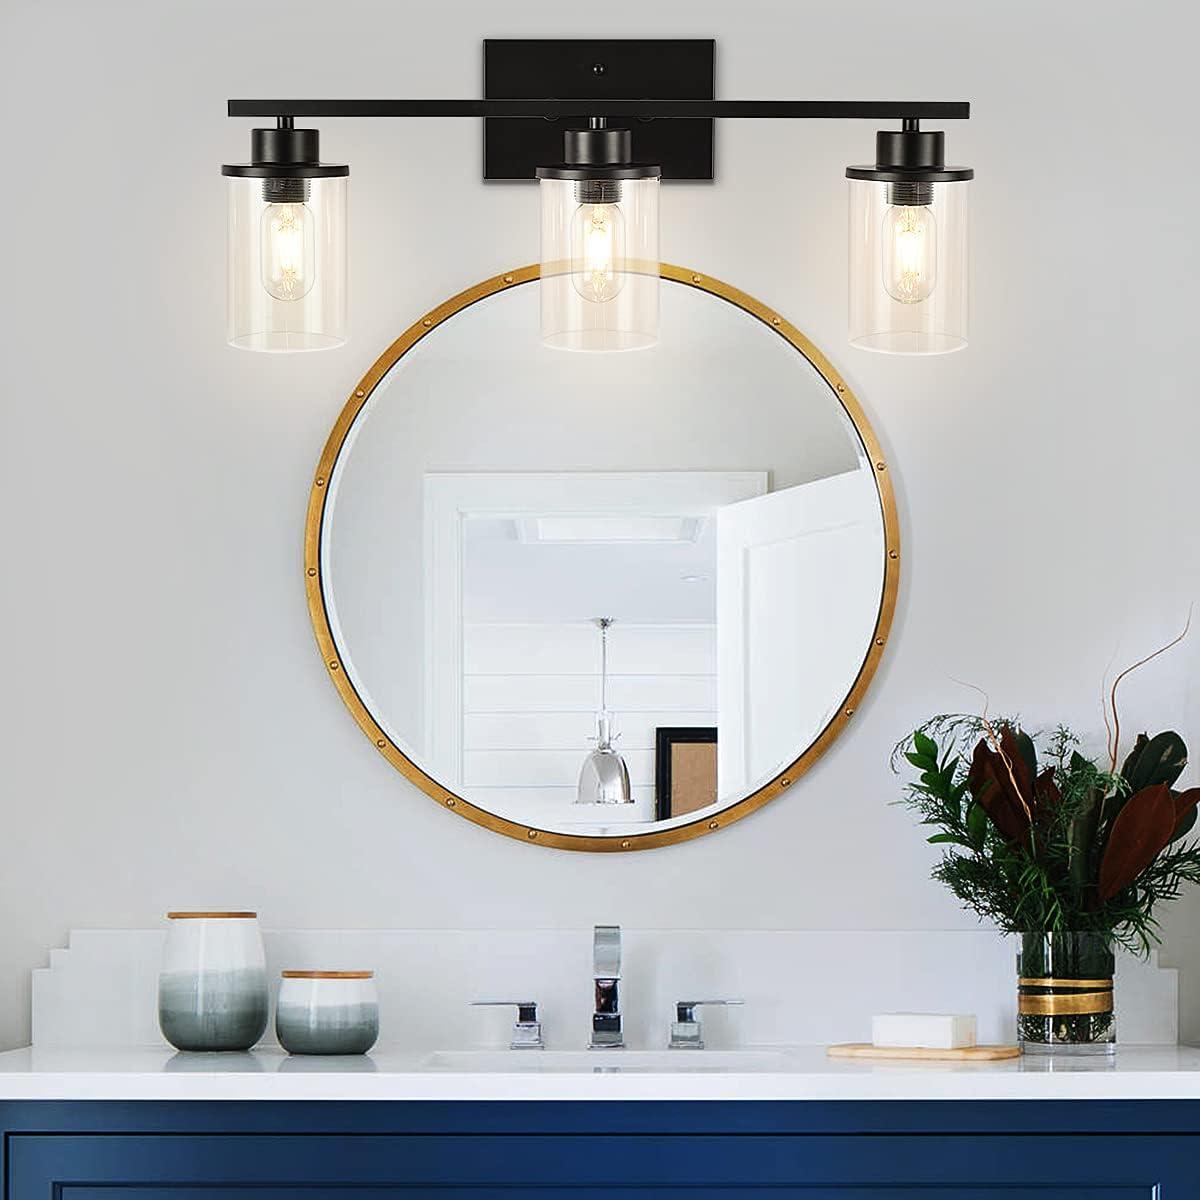 Buy Black Bathroom Vanity Light Fixtures Bathroom Light Fixtures 3 Lights Wall Sconces Industrial Bathroom Light Fixtures Over Mirror Porch Hallway Farmhouse Bedroom Online In Vietnam B08dnvjkh7